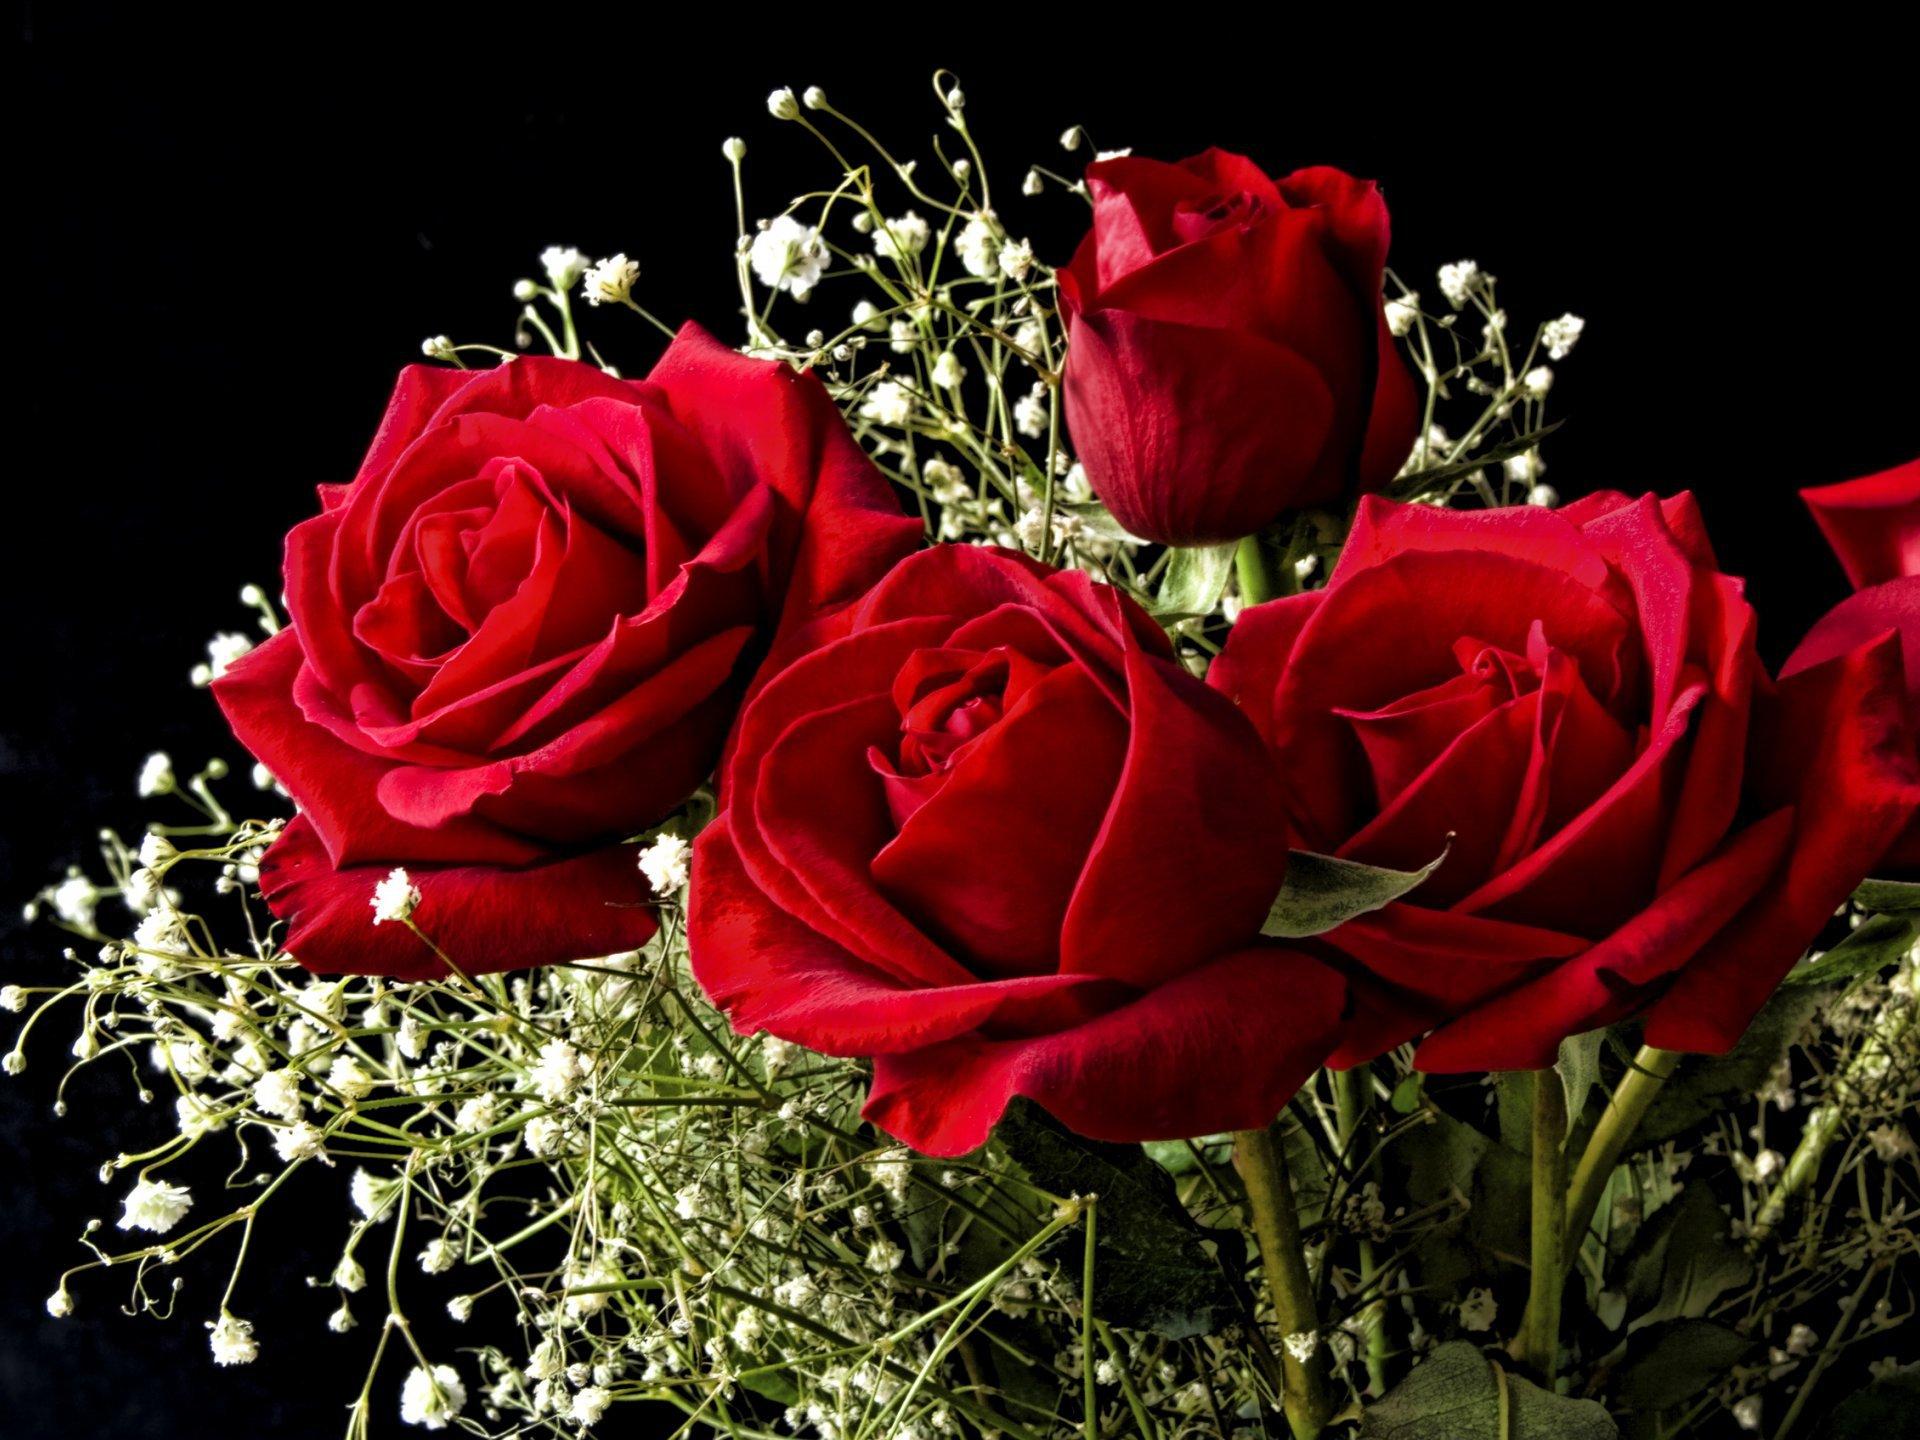 Лучшие открытки роз красных